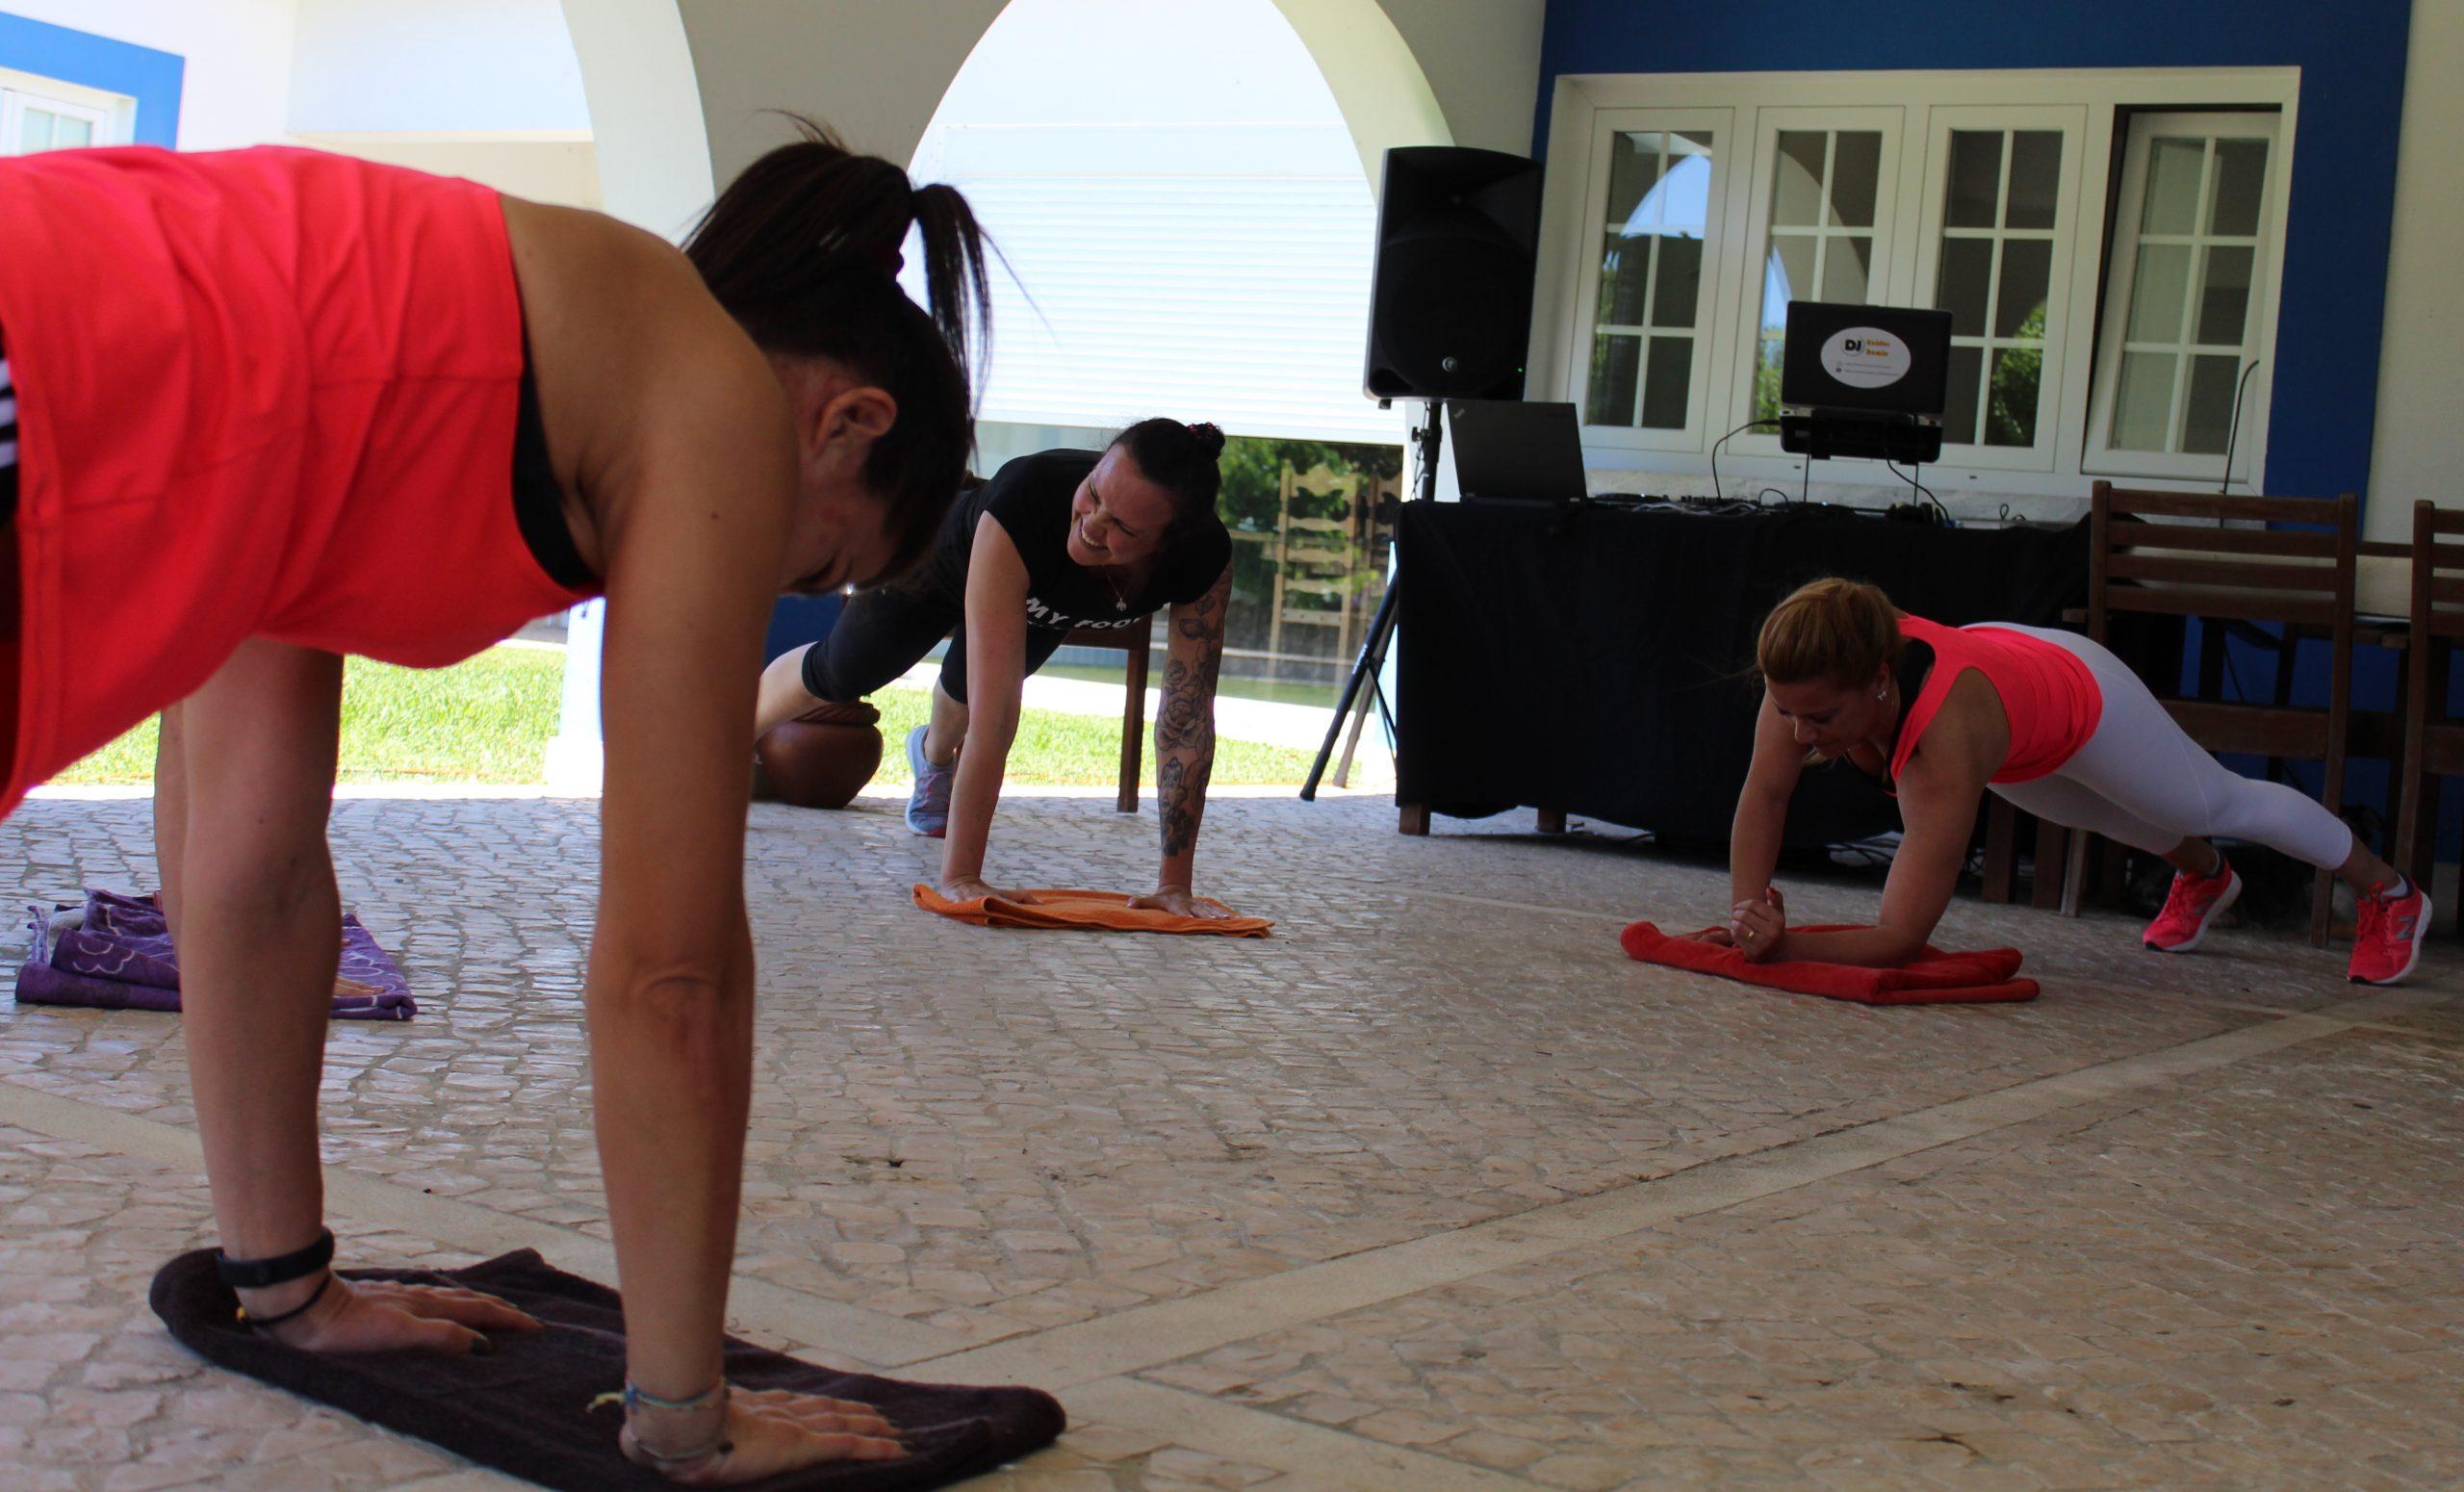 Alimentação Macrobiótica e CrossFit, será que combinam? - Mil Grãos